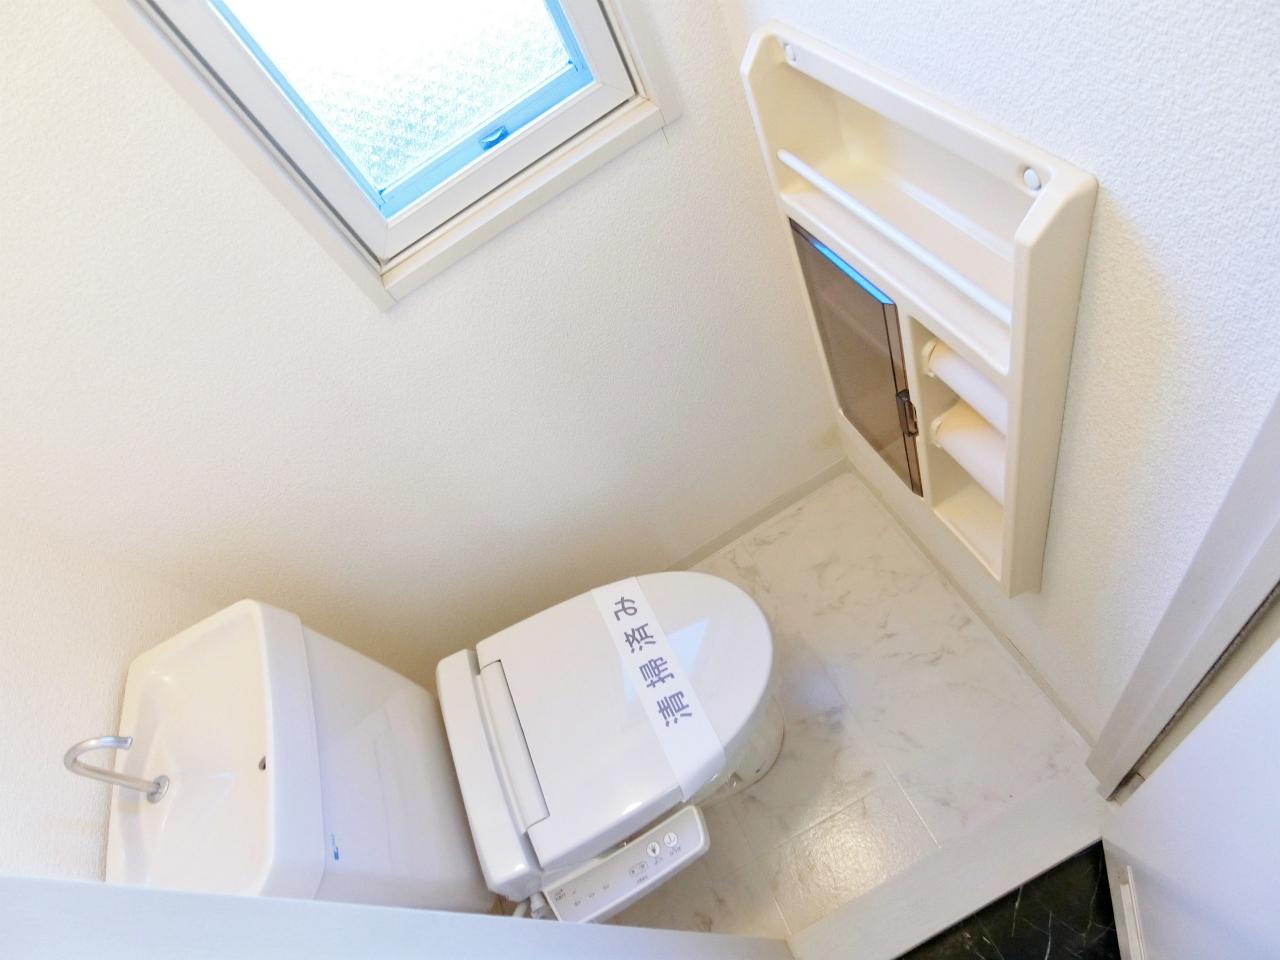 トイレ 温水洗浄便座付の洋式水洗トイレになります♪♪♪